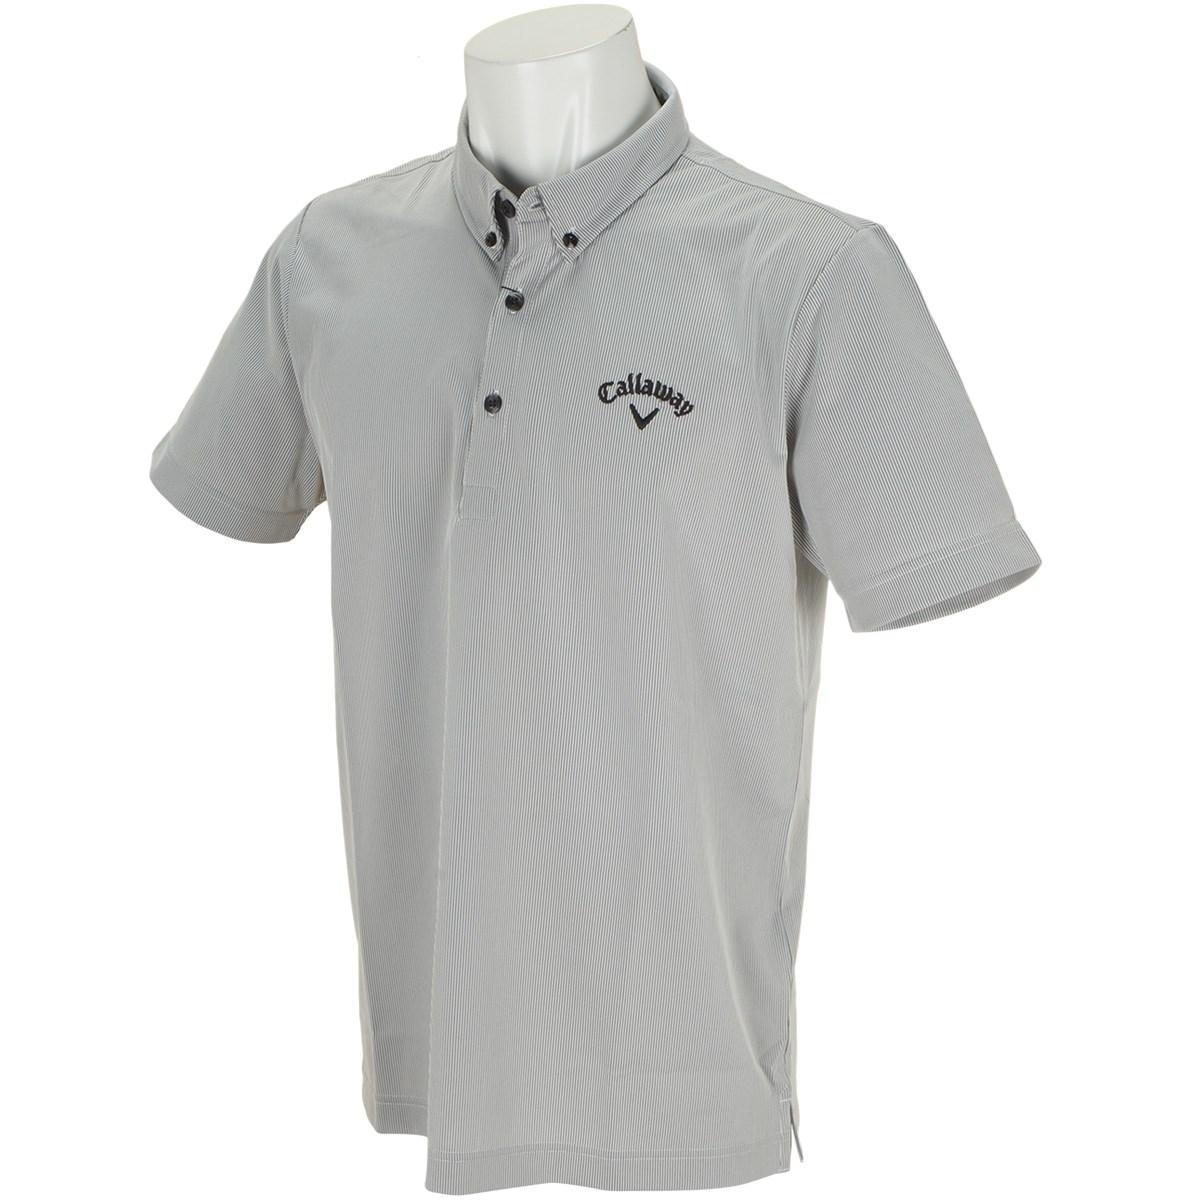 キャロウェイゴルフ Callaway Golf ボタンダウン コードレーン カラー半袖ポロシャツ M ブラック 010